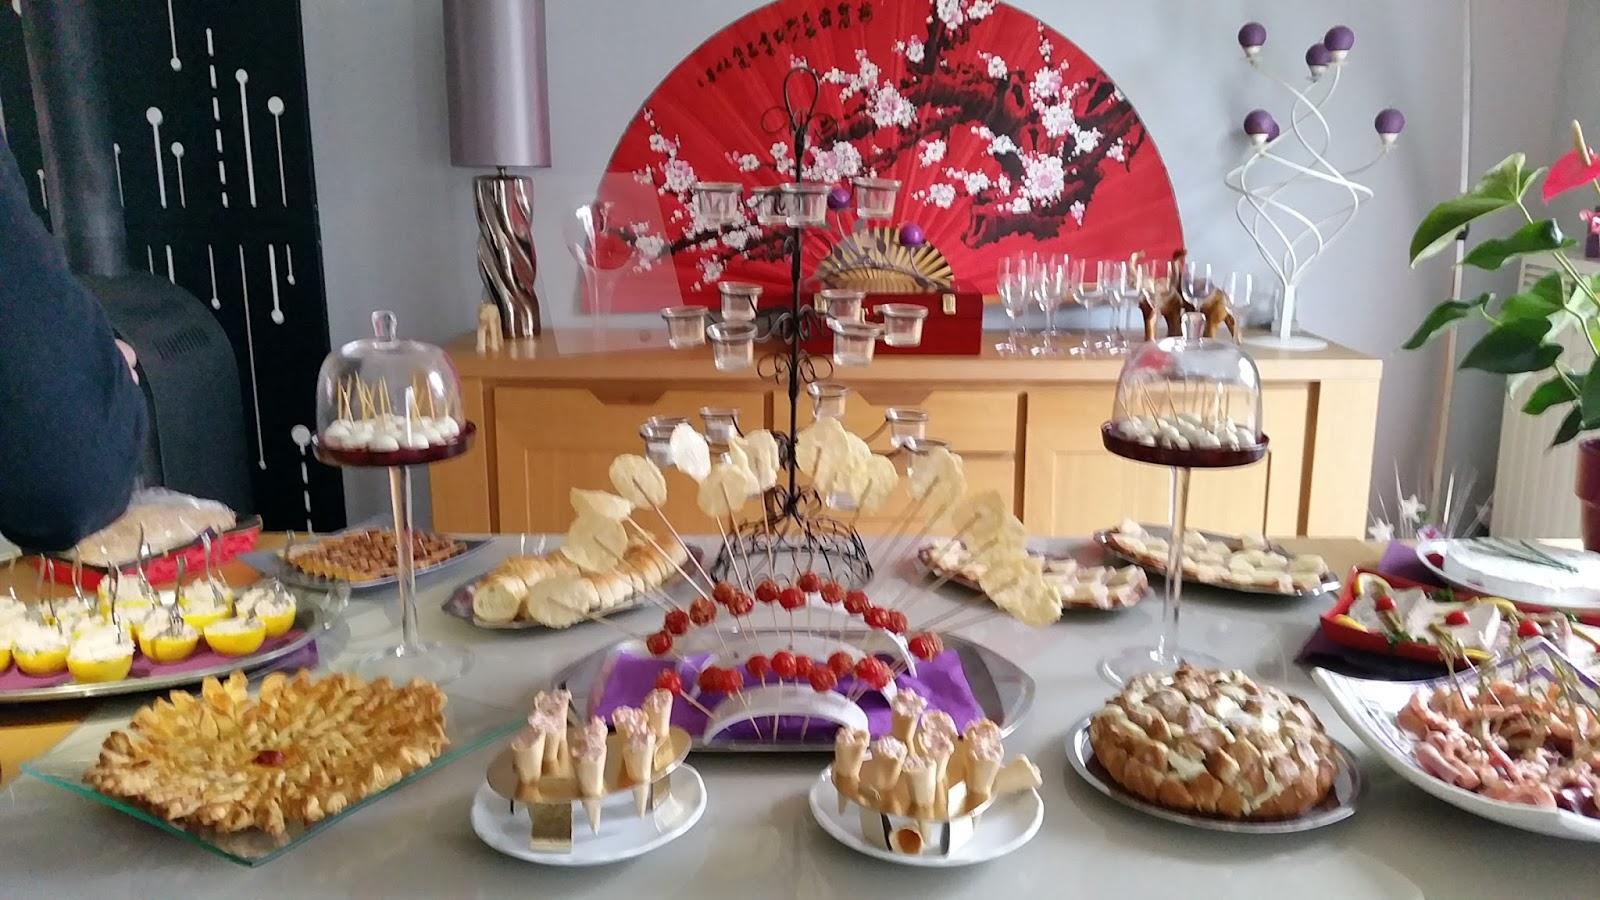 Le buffet de martine api buffet dinatoire ap ritif dinatoire for Decoration table buffet dinatoire